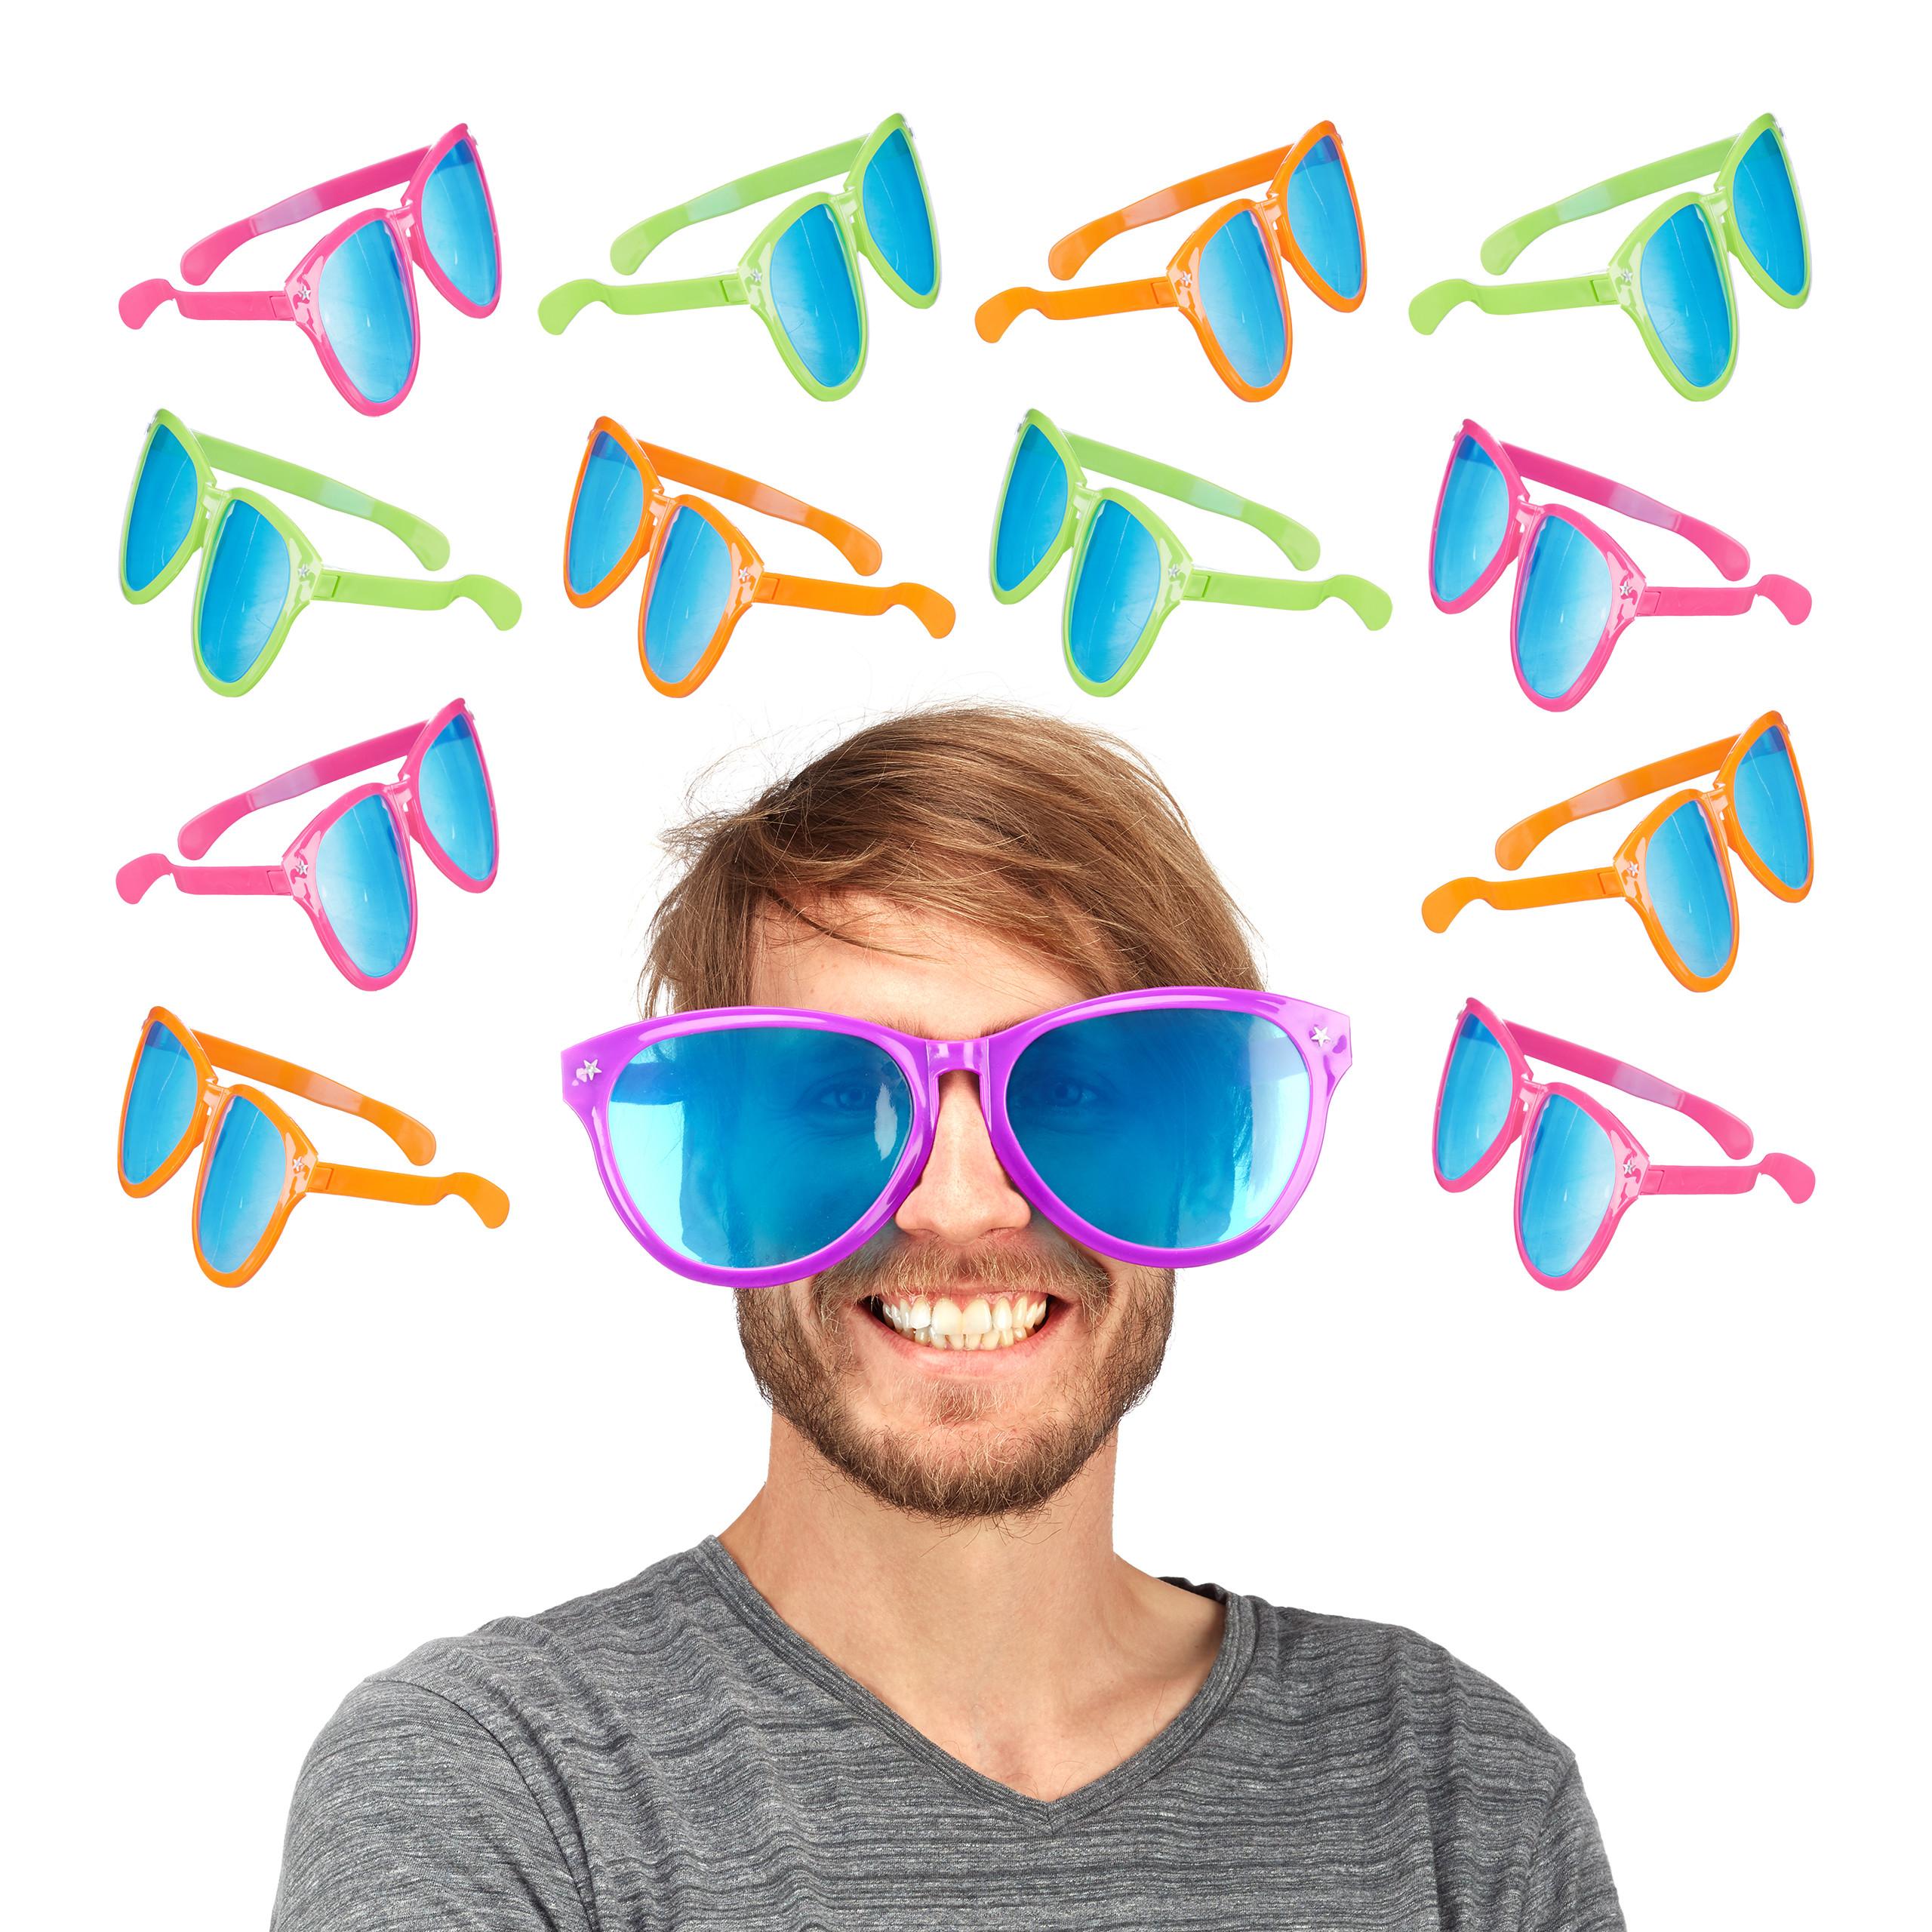 12x Partybrille groß Riesenbrille Scherzbrille Hippiebrille Spaßbrille Gagbrille